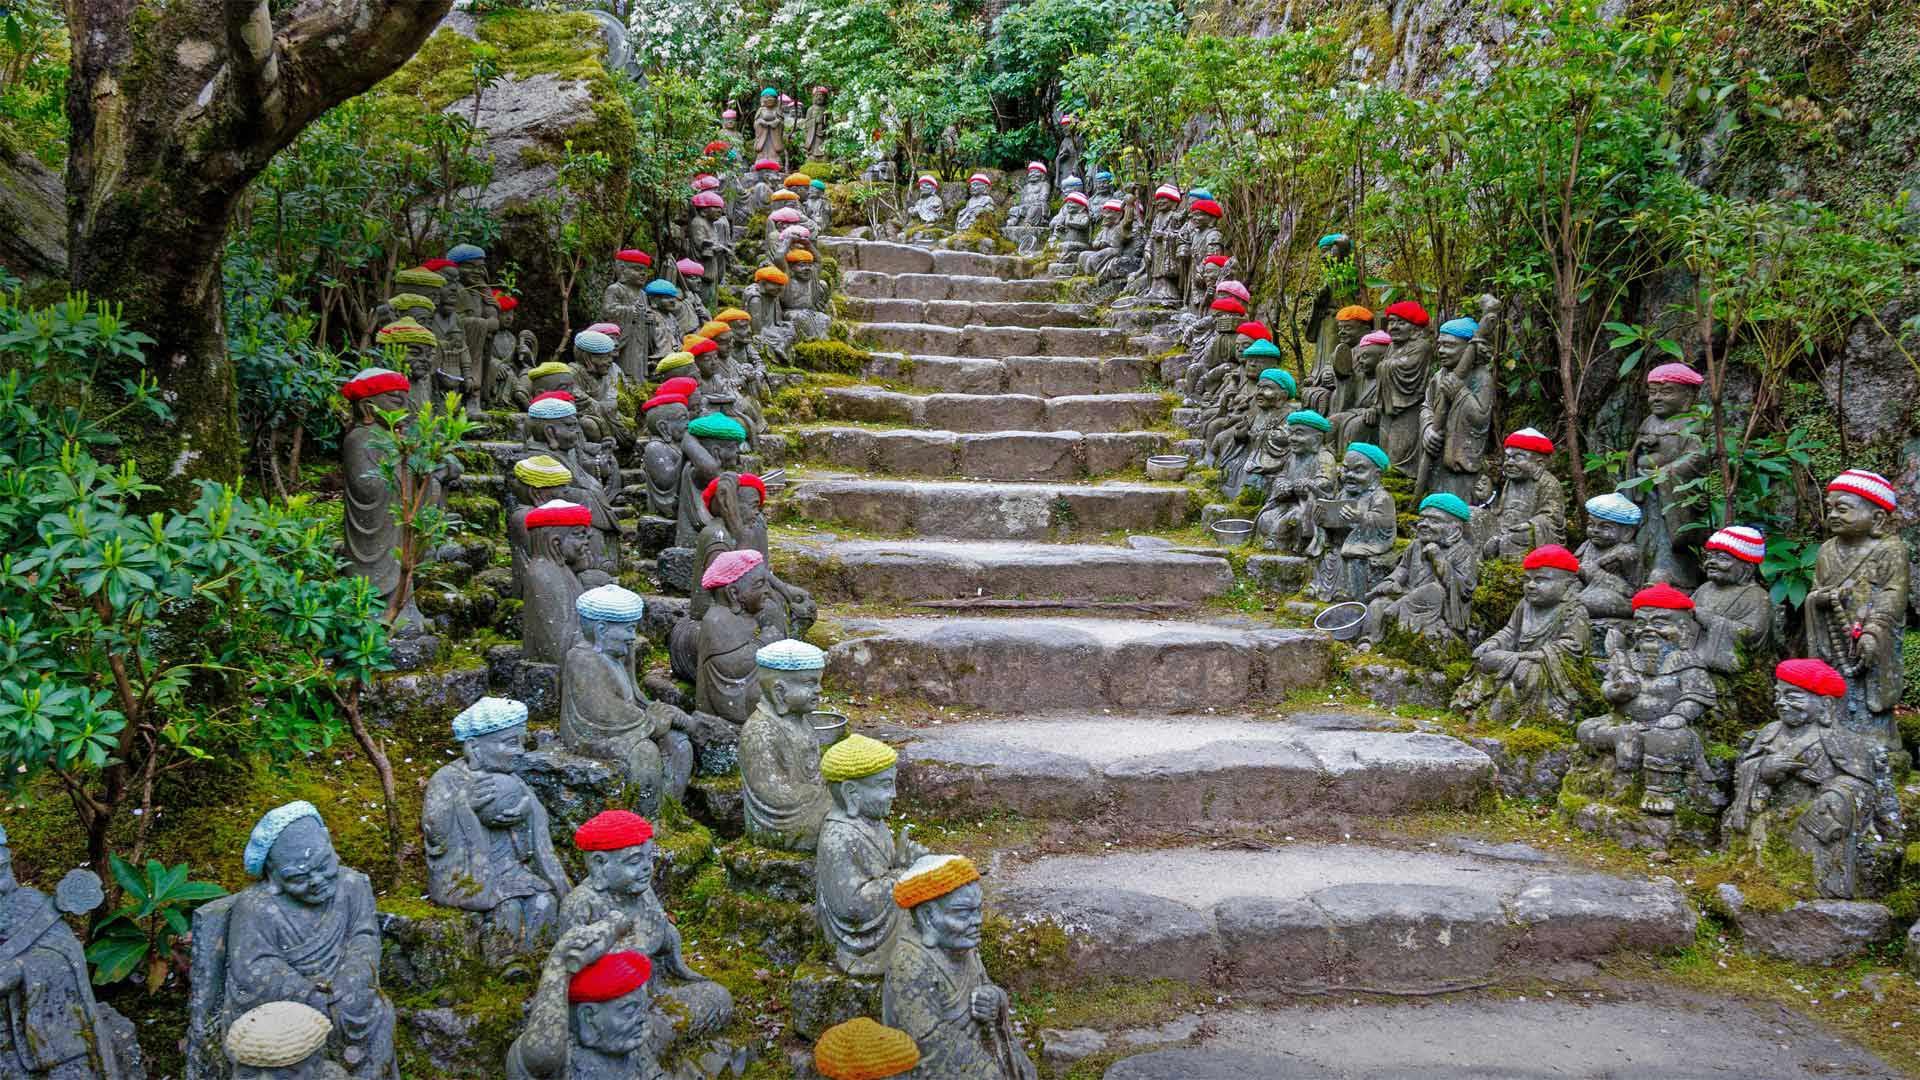 「五百羅漢庭園」広島, 宮島 (© Malcolm Fairman/Alamy)